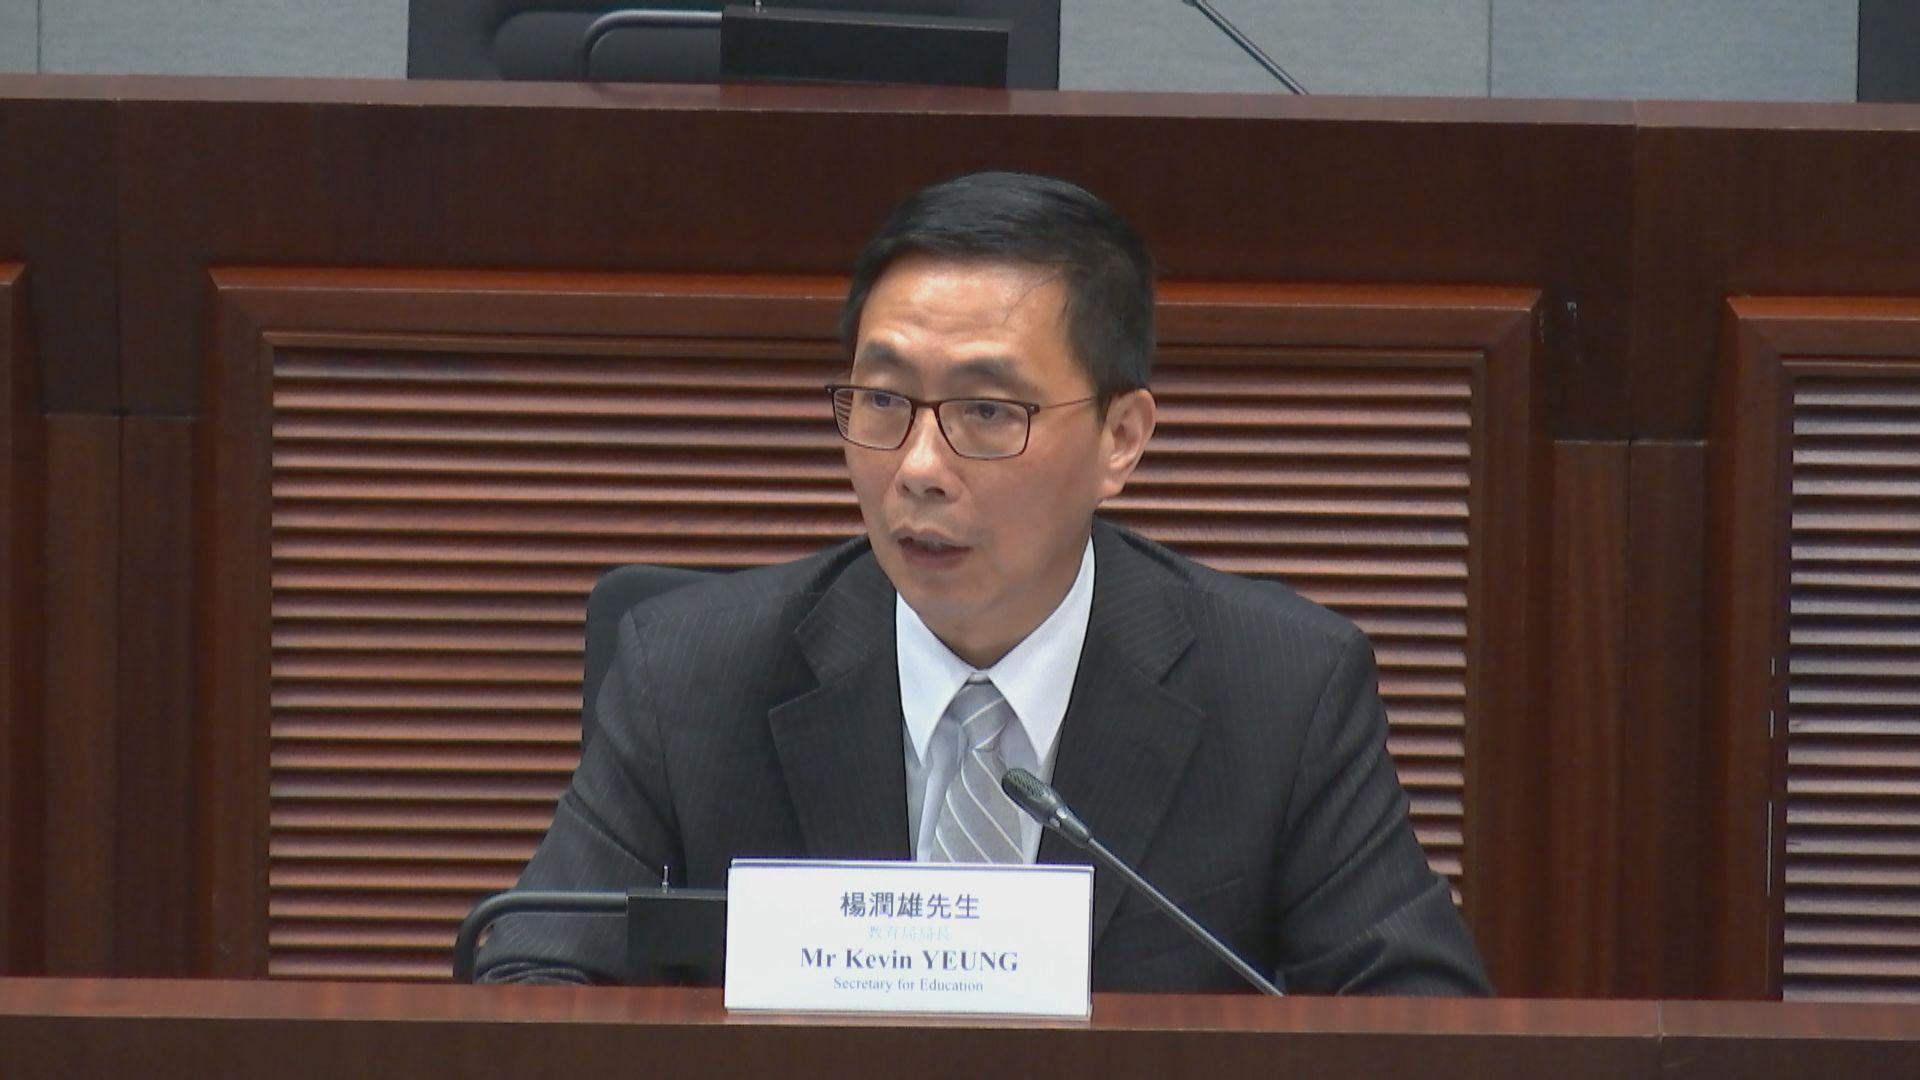 楊潤雄:不希望校長須接受某些培訓才獲加薪